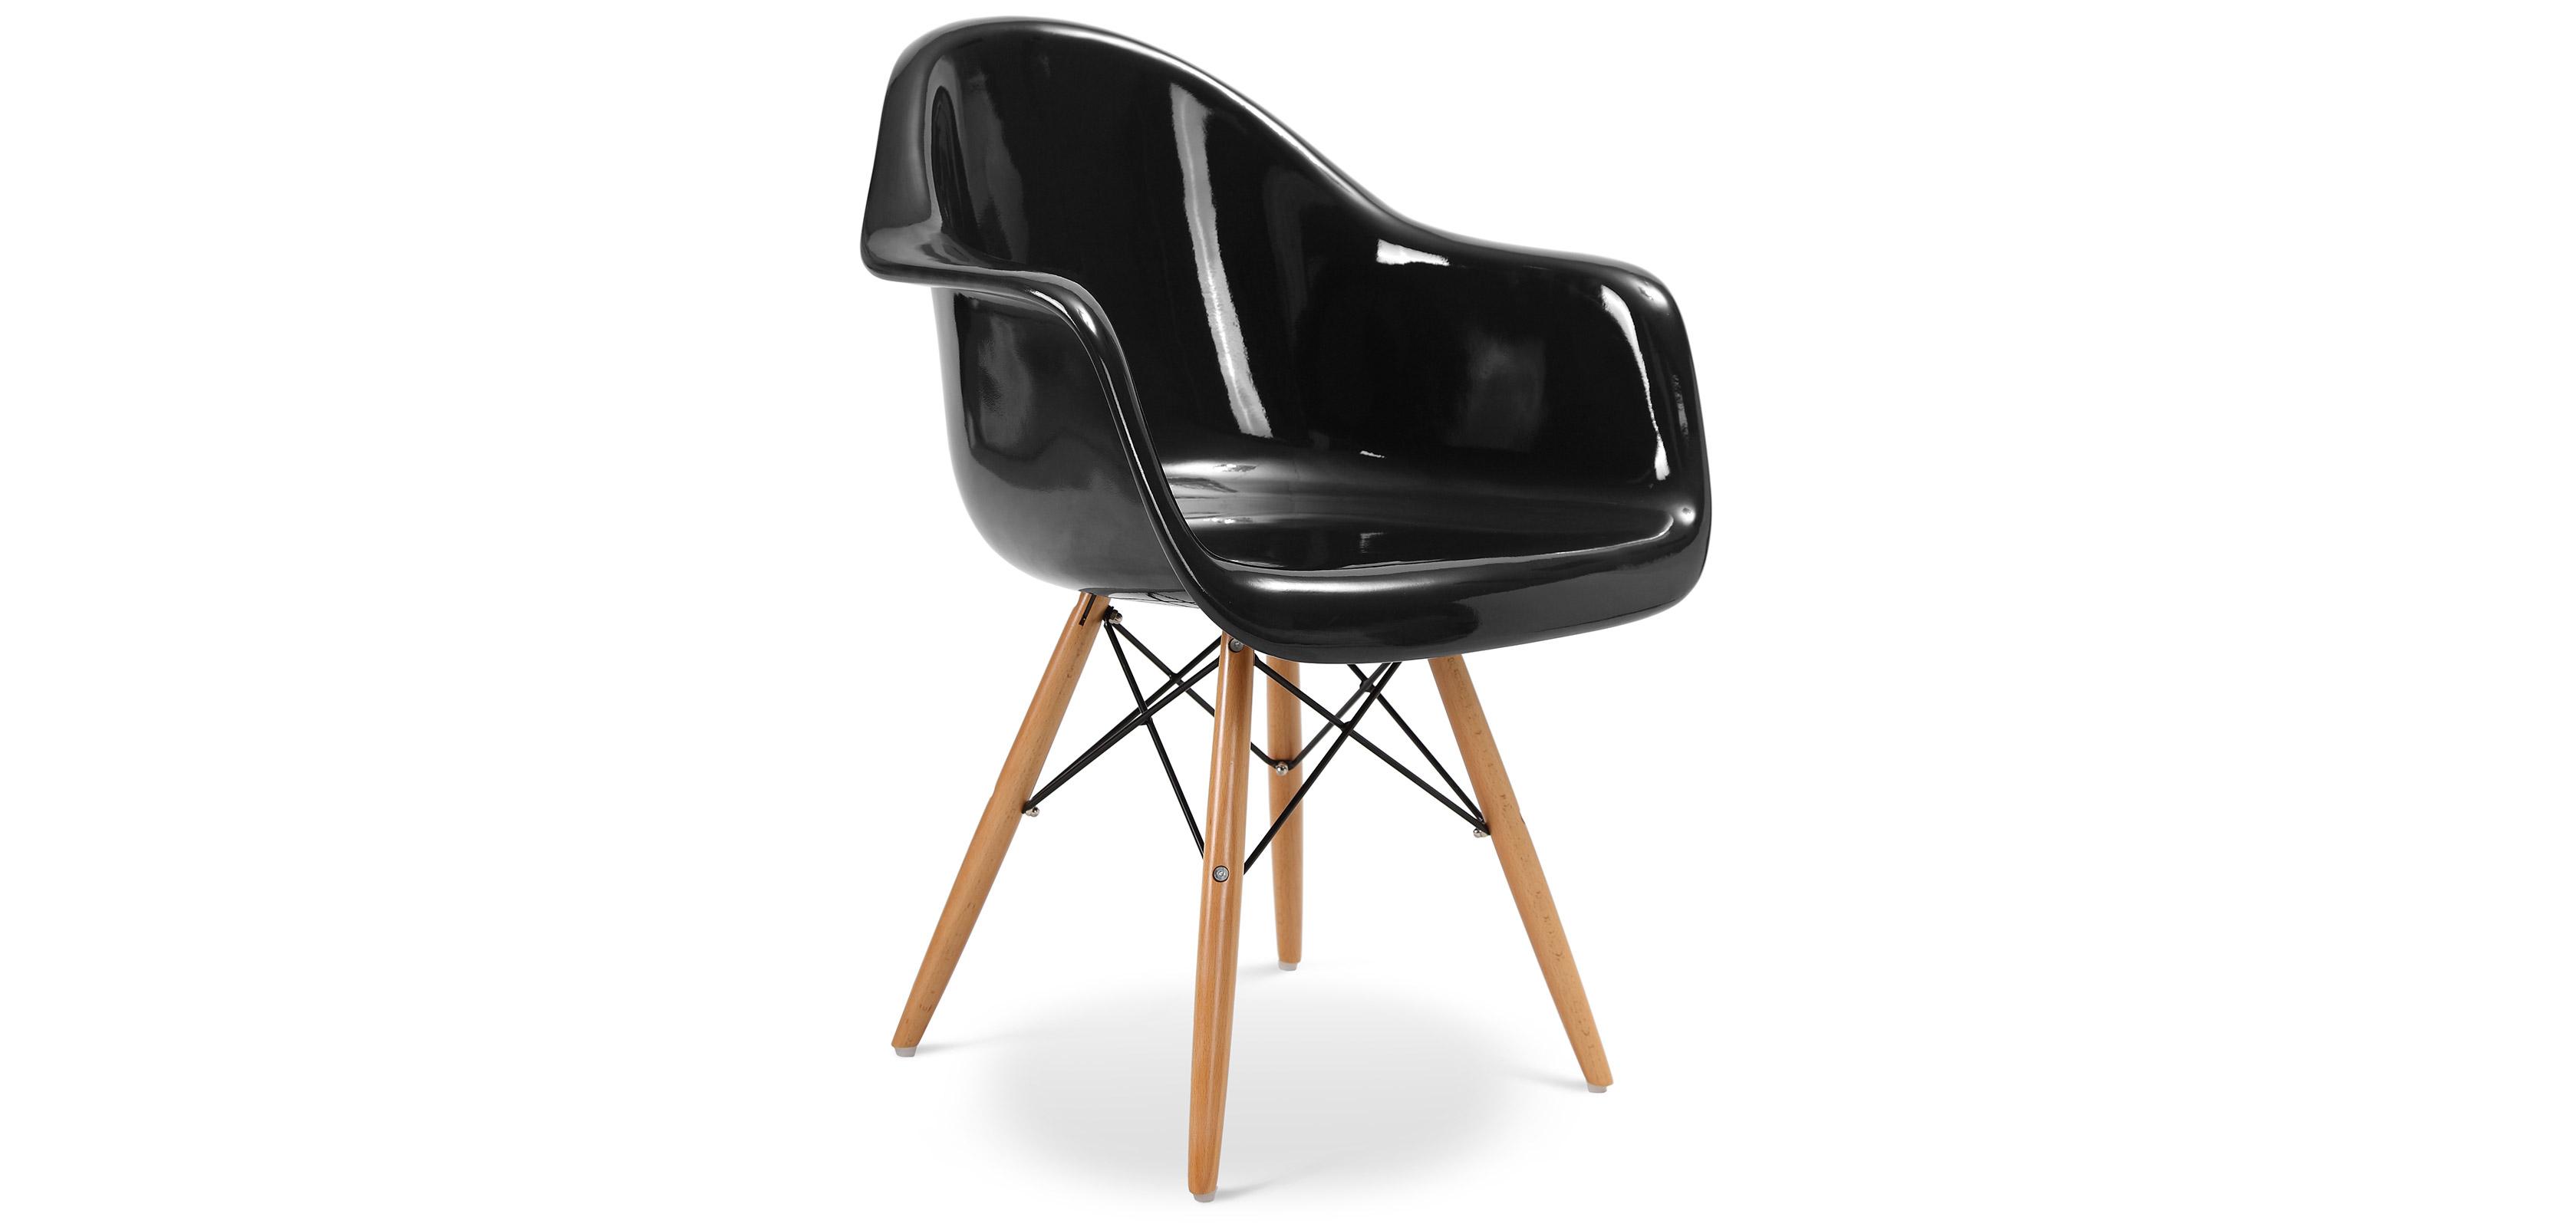 Chaise DAW Charles Eames